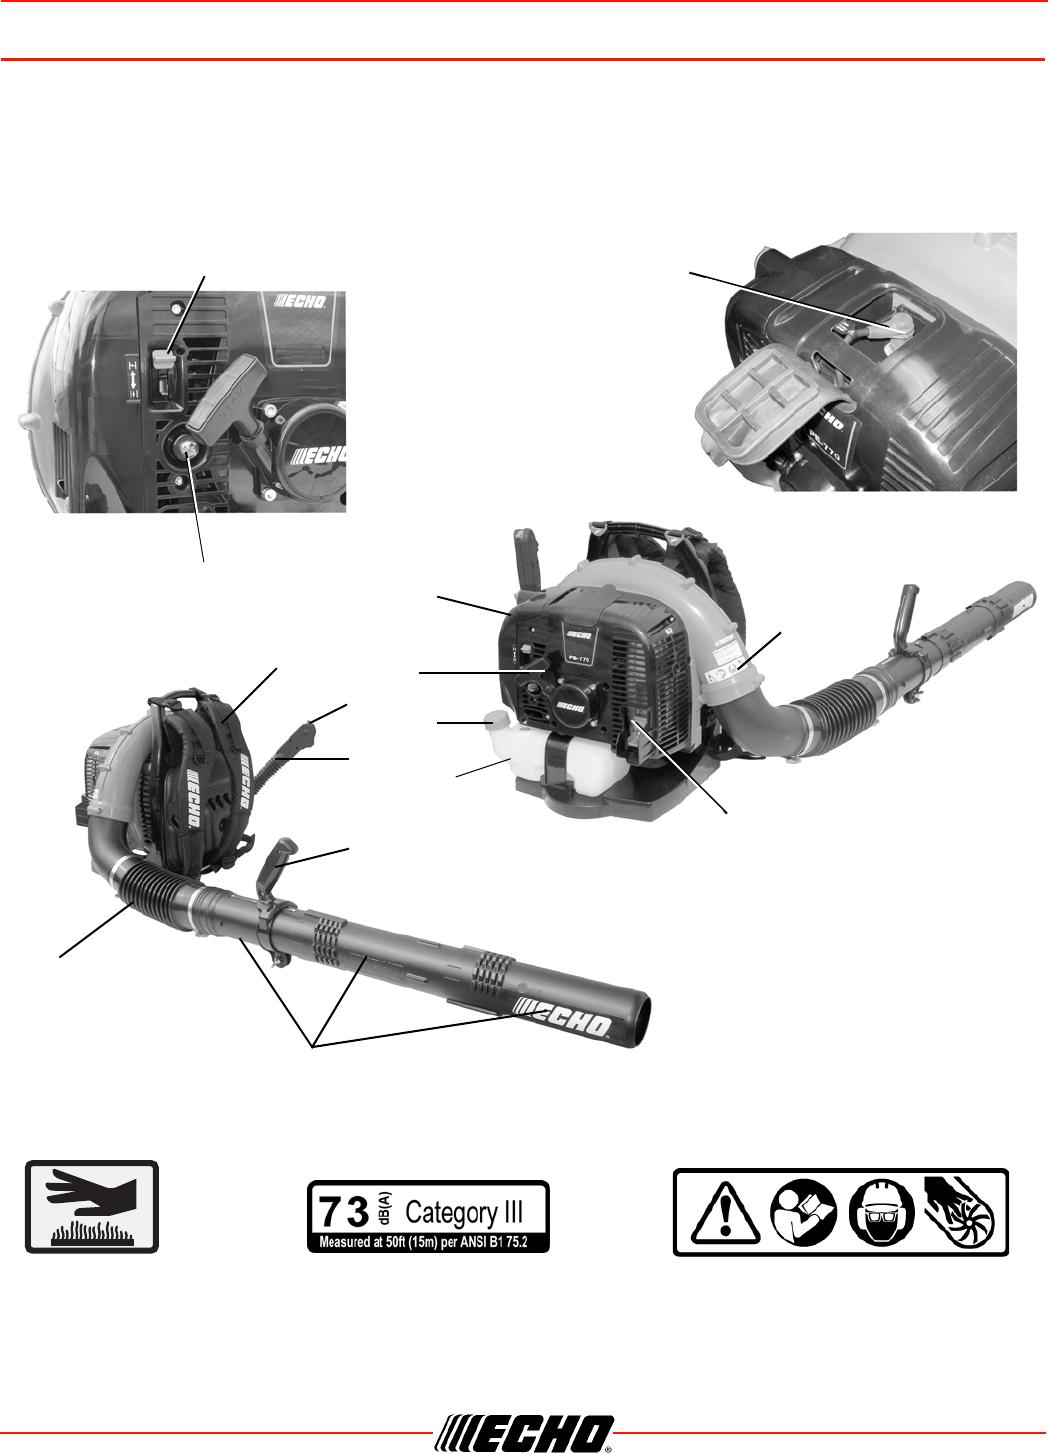 Echo PB-770 H/T DESCRIPTION